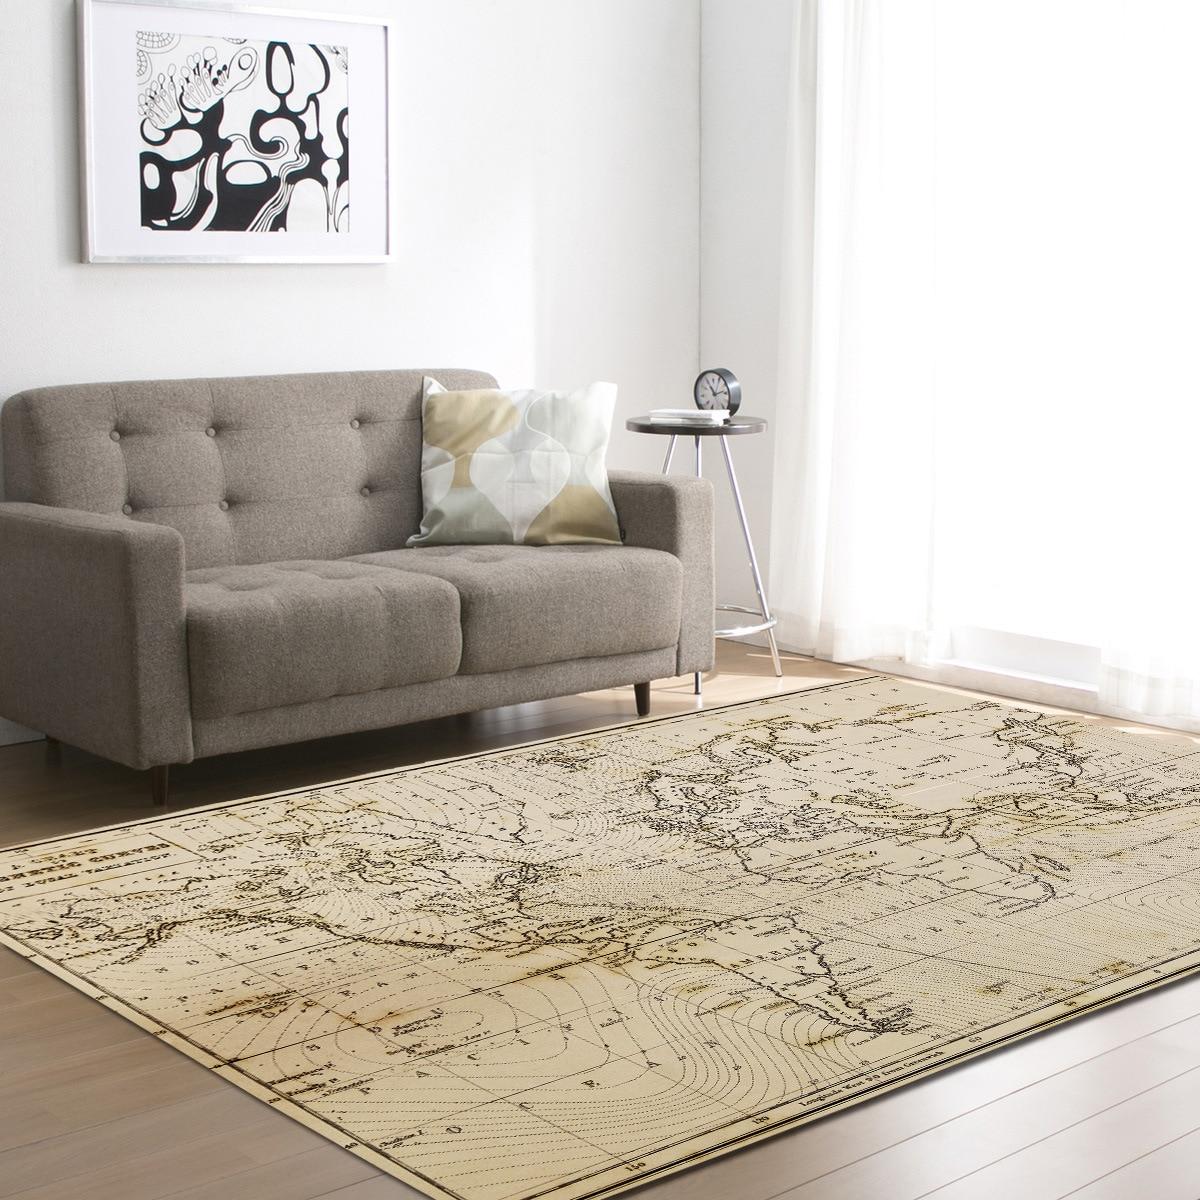 Zeegle World Map Floor Mat Carpets For Living Room Anti Slip